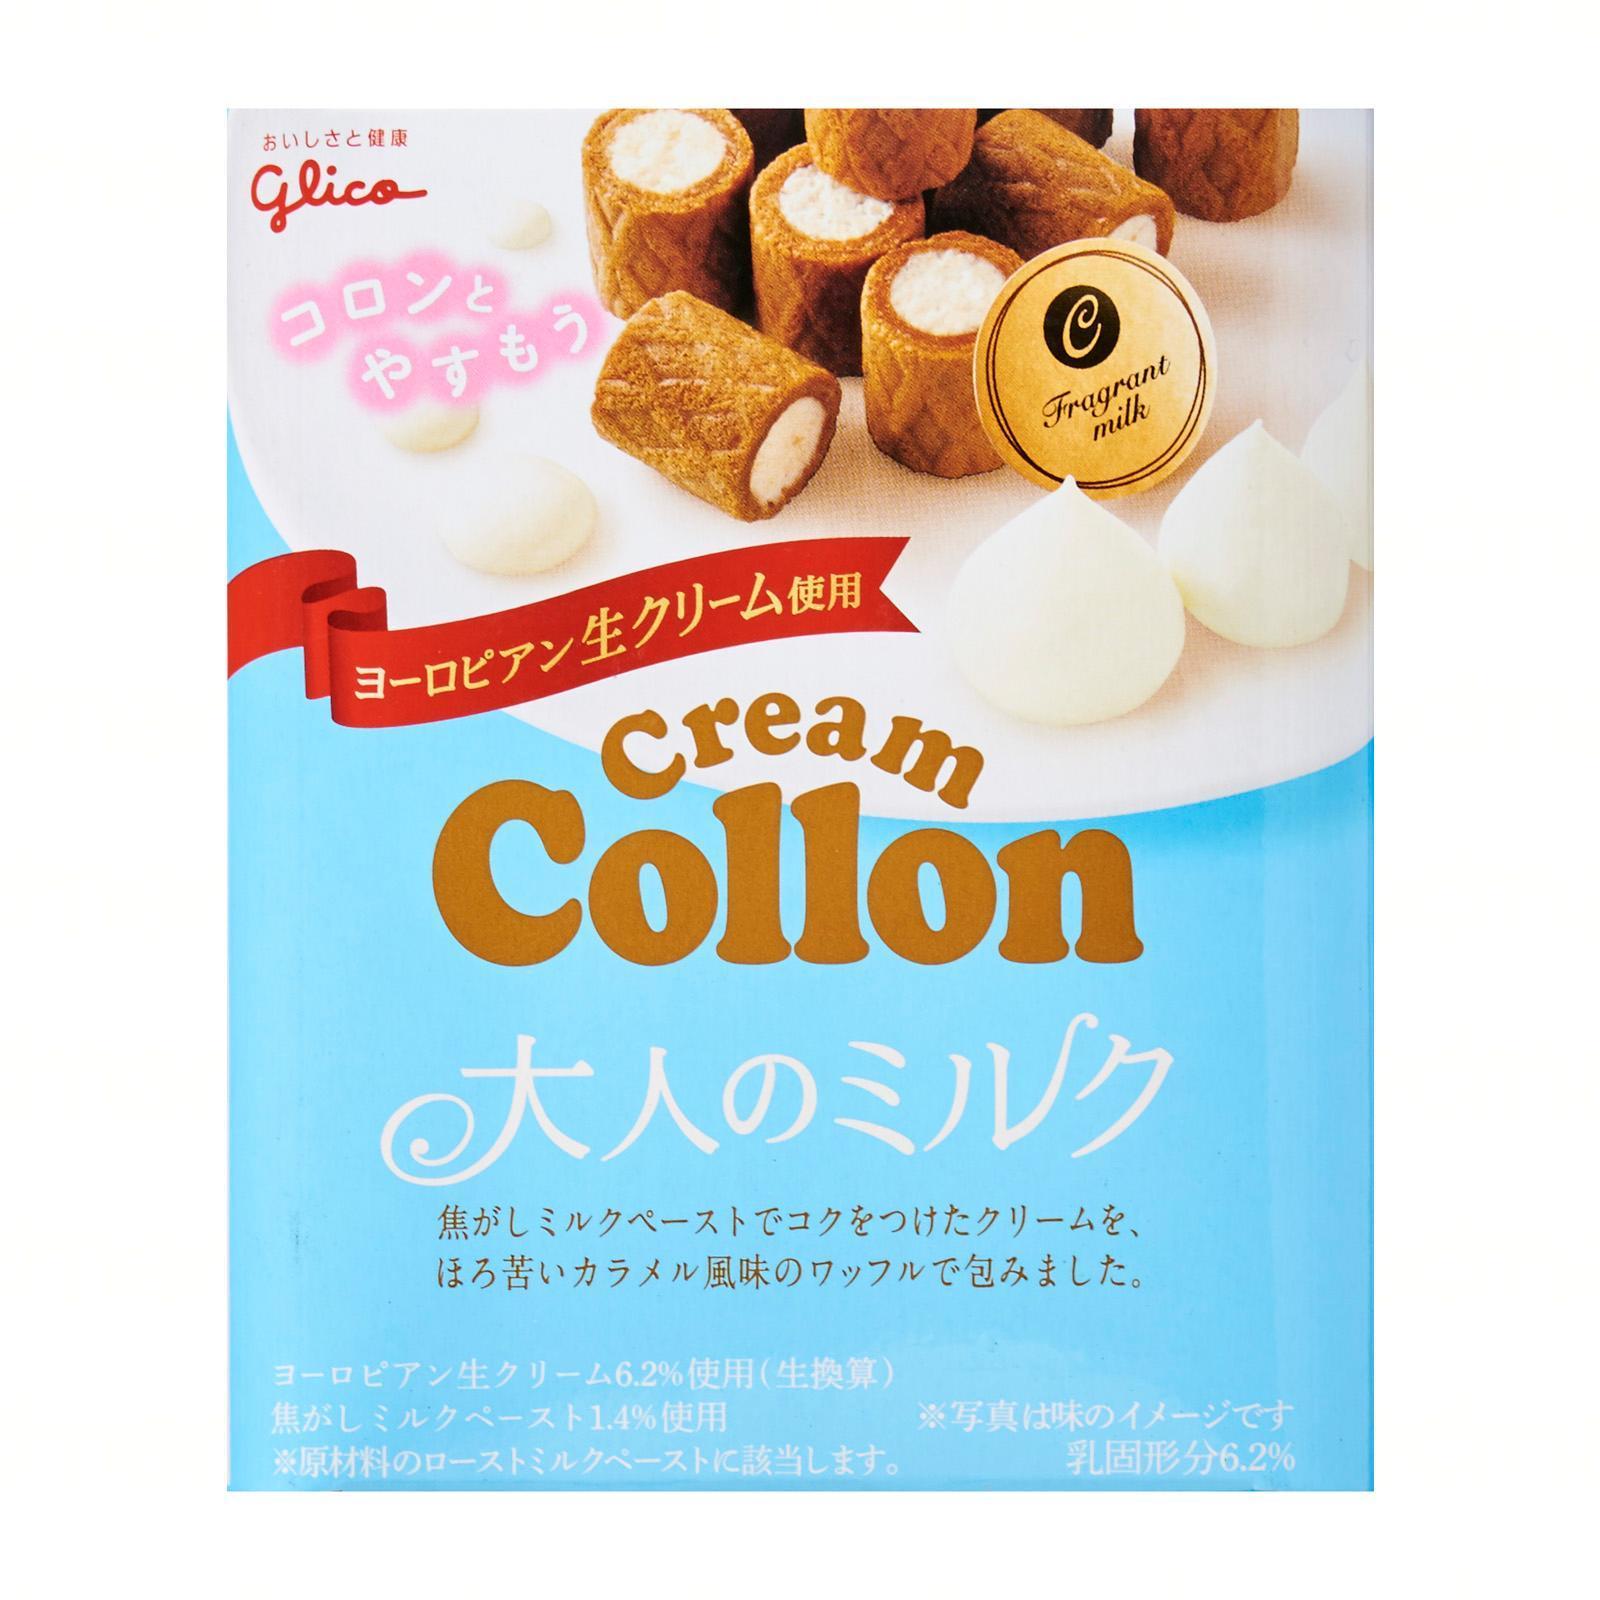 Glico Collon Milk Flavored Biscuit Roll